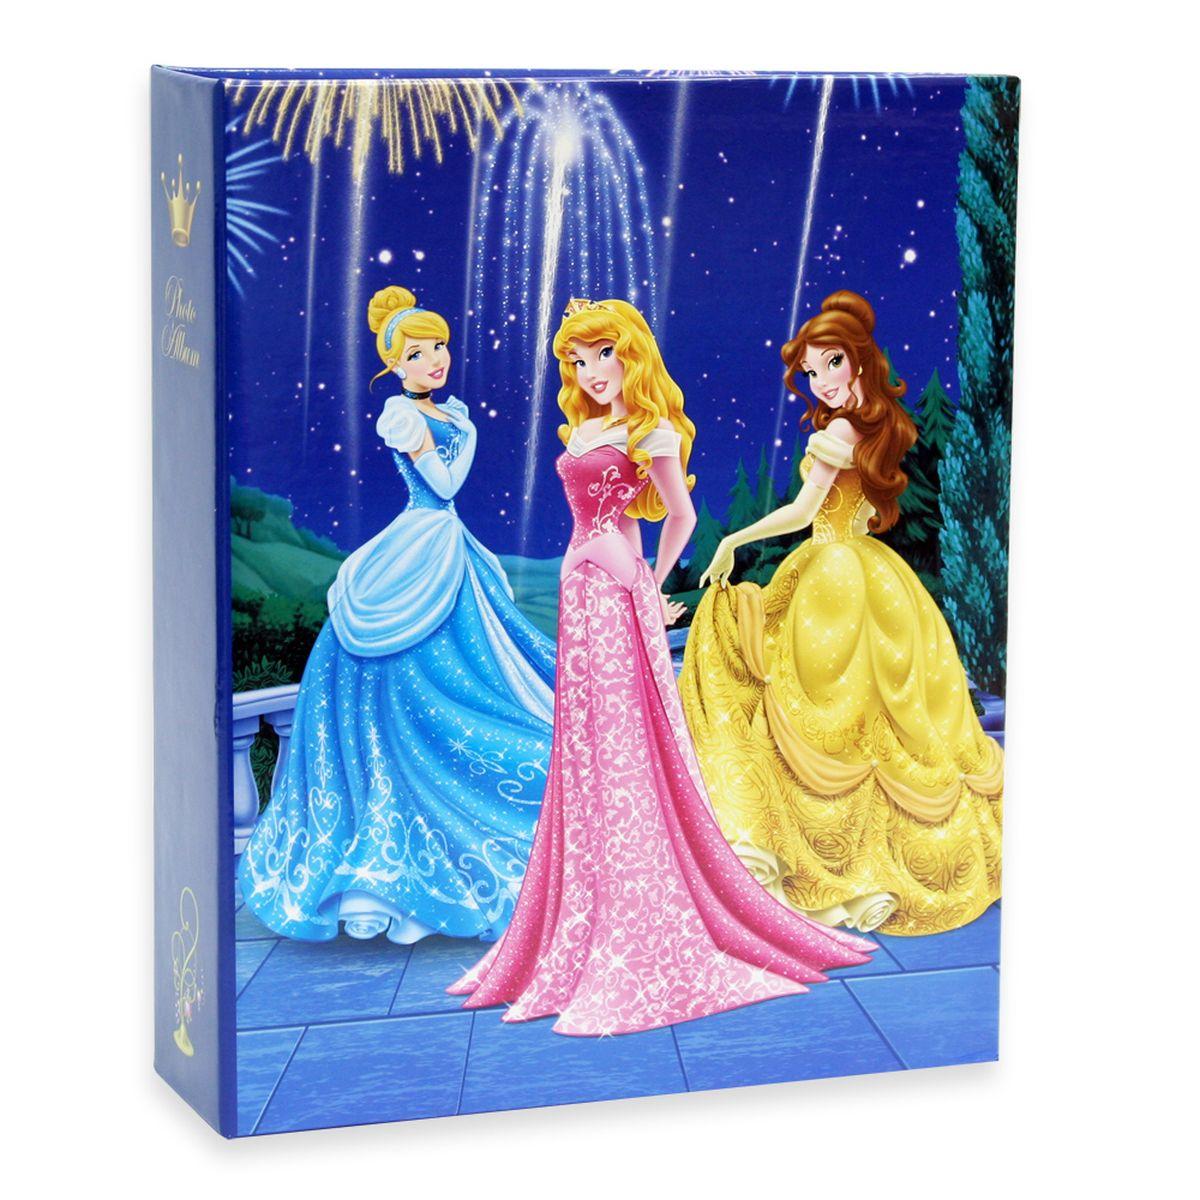 Фотоальбом Pioneer Princess, 200 фотографий, 10 х 15 см. 46563 LM-4R200 фотоальбом platinum ландшафт 1 200 фотографий 10 х 15 см цвет зеленый голубой коричневый pp 46200s